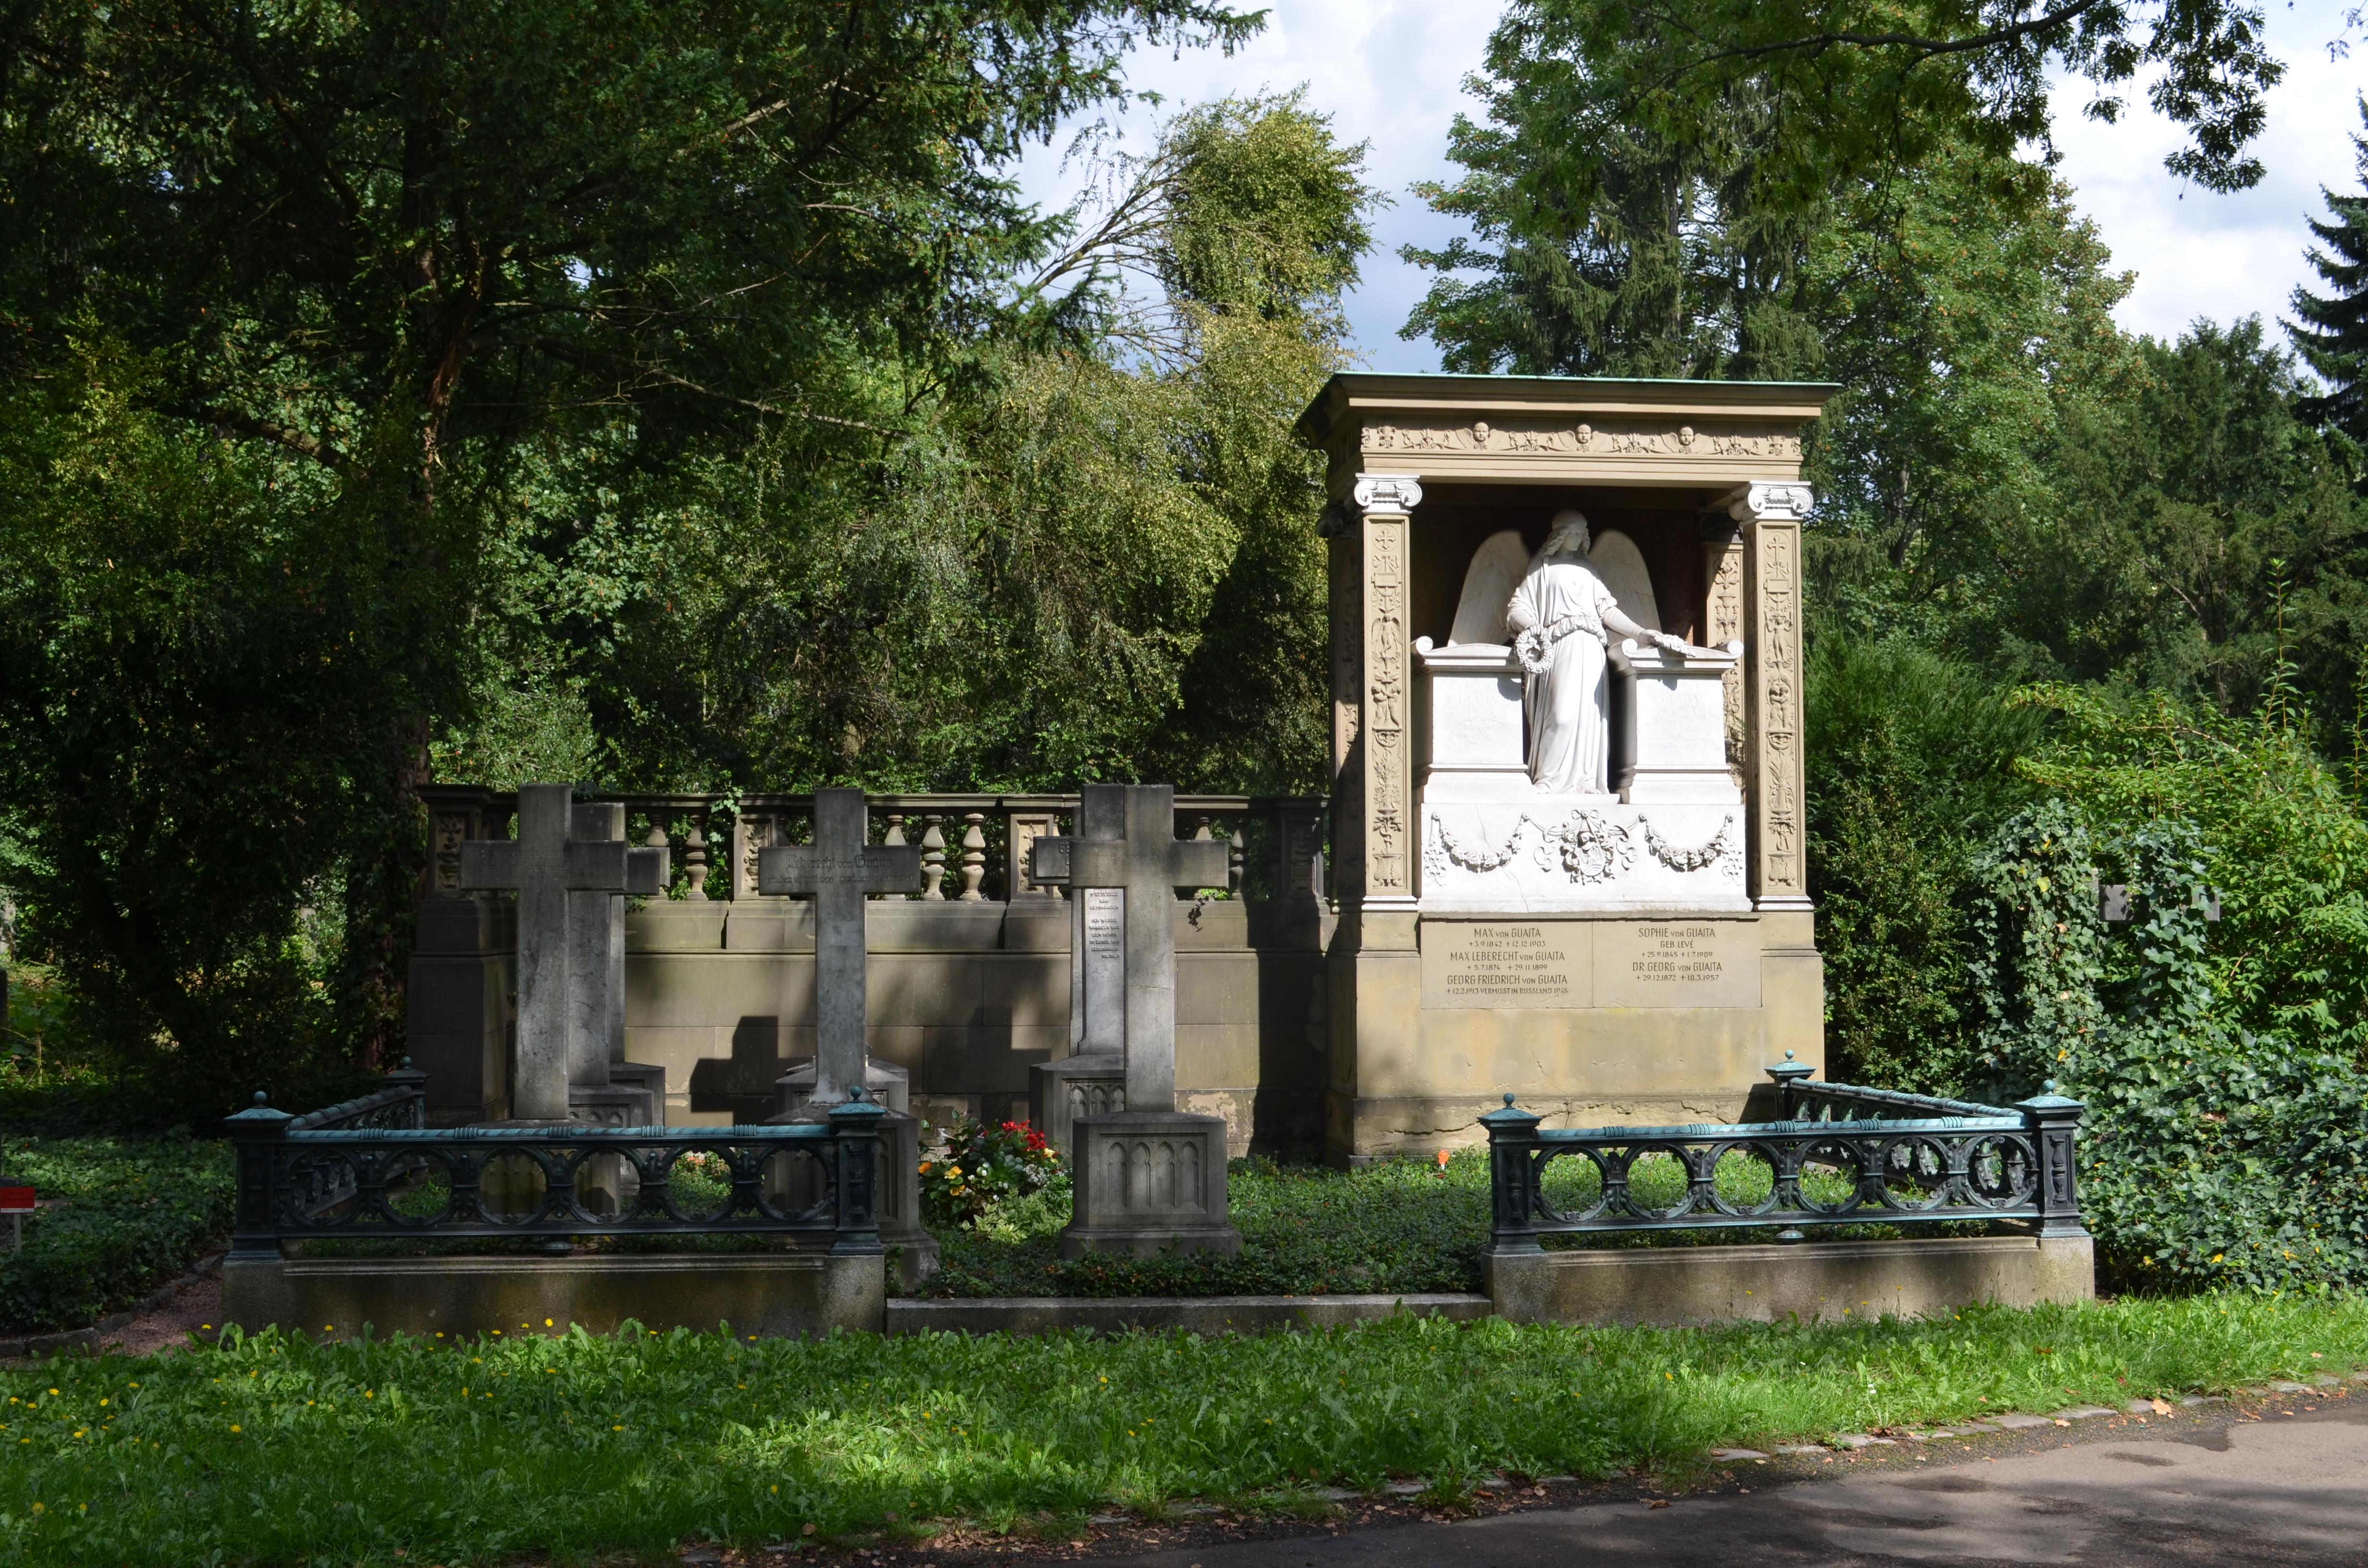 Dateifrankfurt Hauptfriedhof Grab C 8 9 Von Guaitajpg Wikipedia